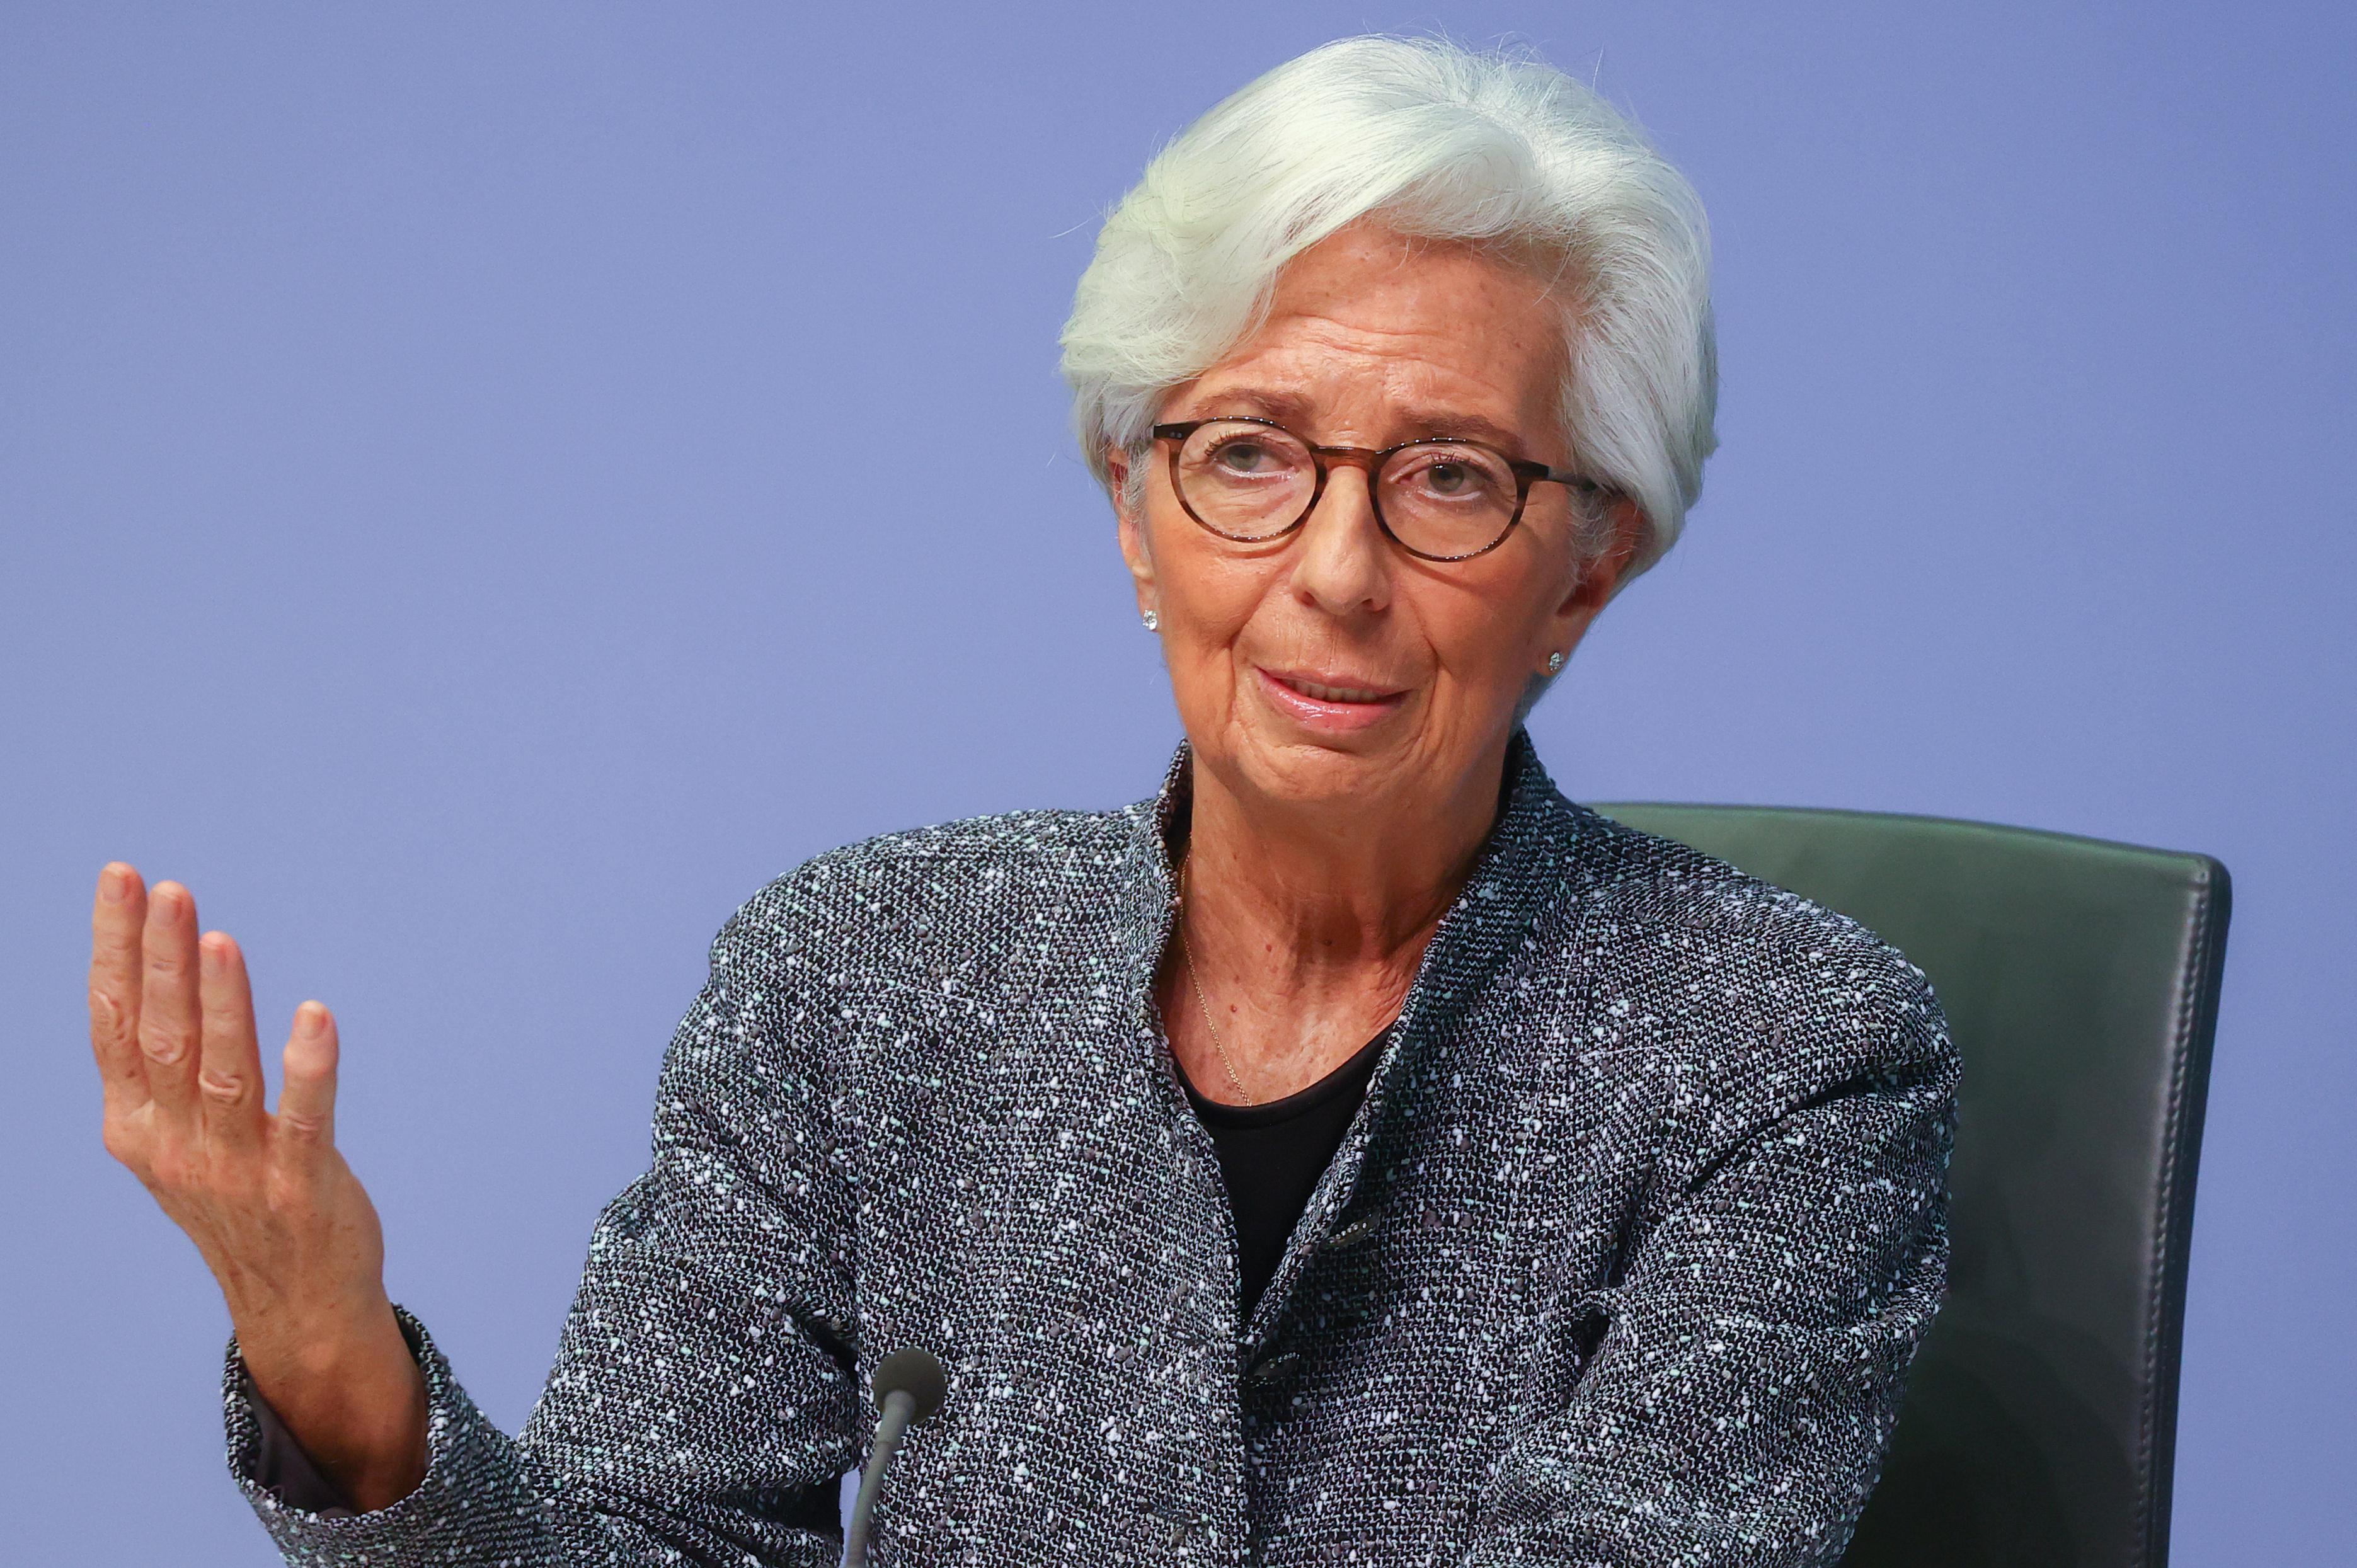 lagarde-bce-salue-un-plan-franco-allemand-ambitieux-insiste-sur-la-symetrie-entre-les-pays